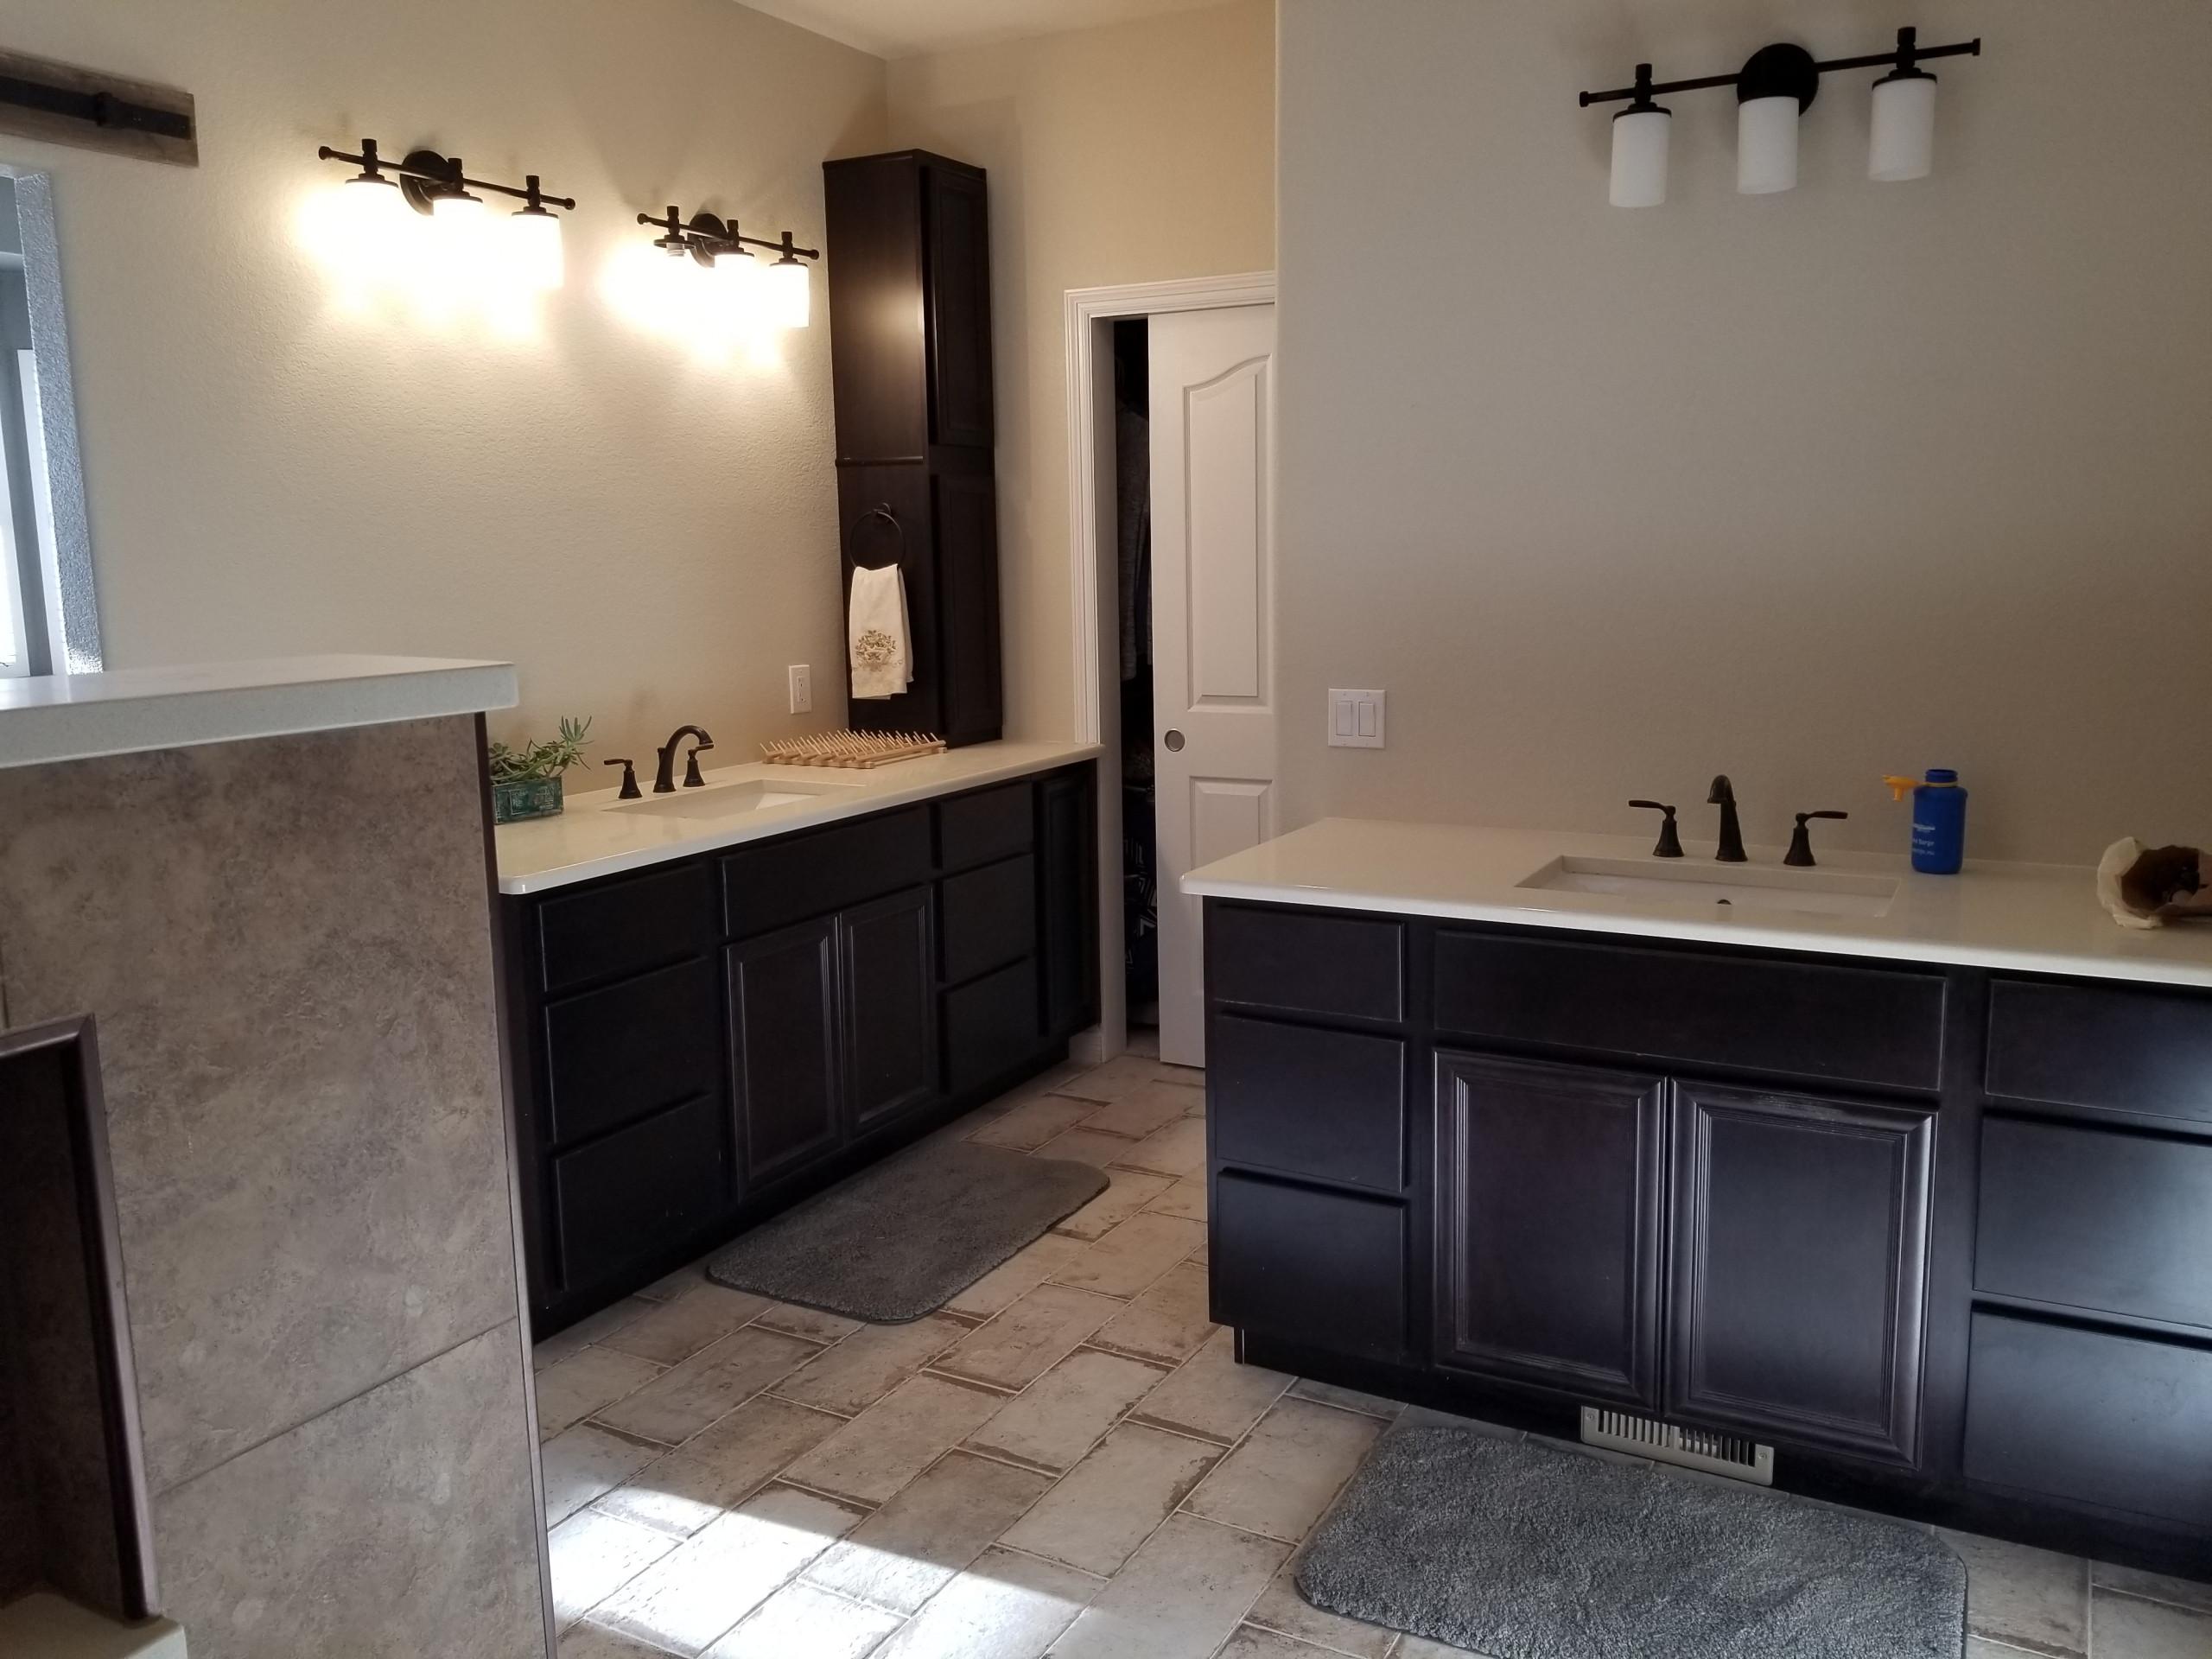 Master bath, laundry, basement finish